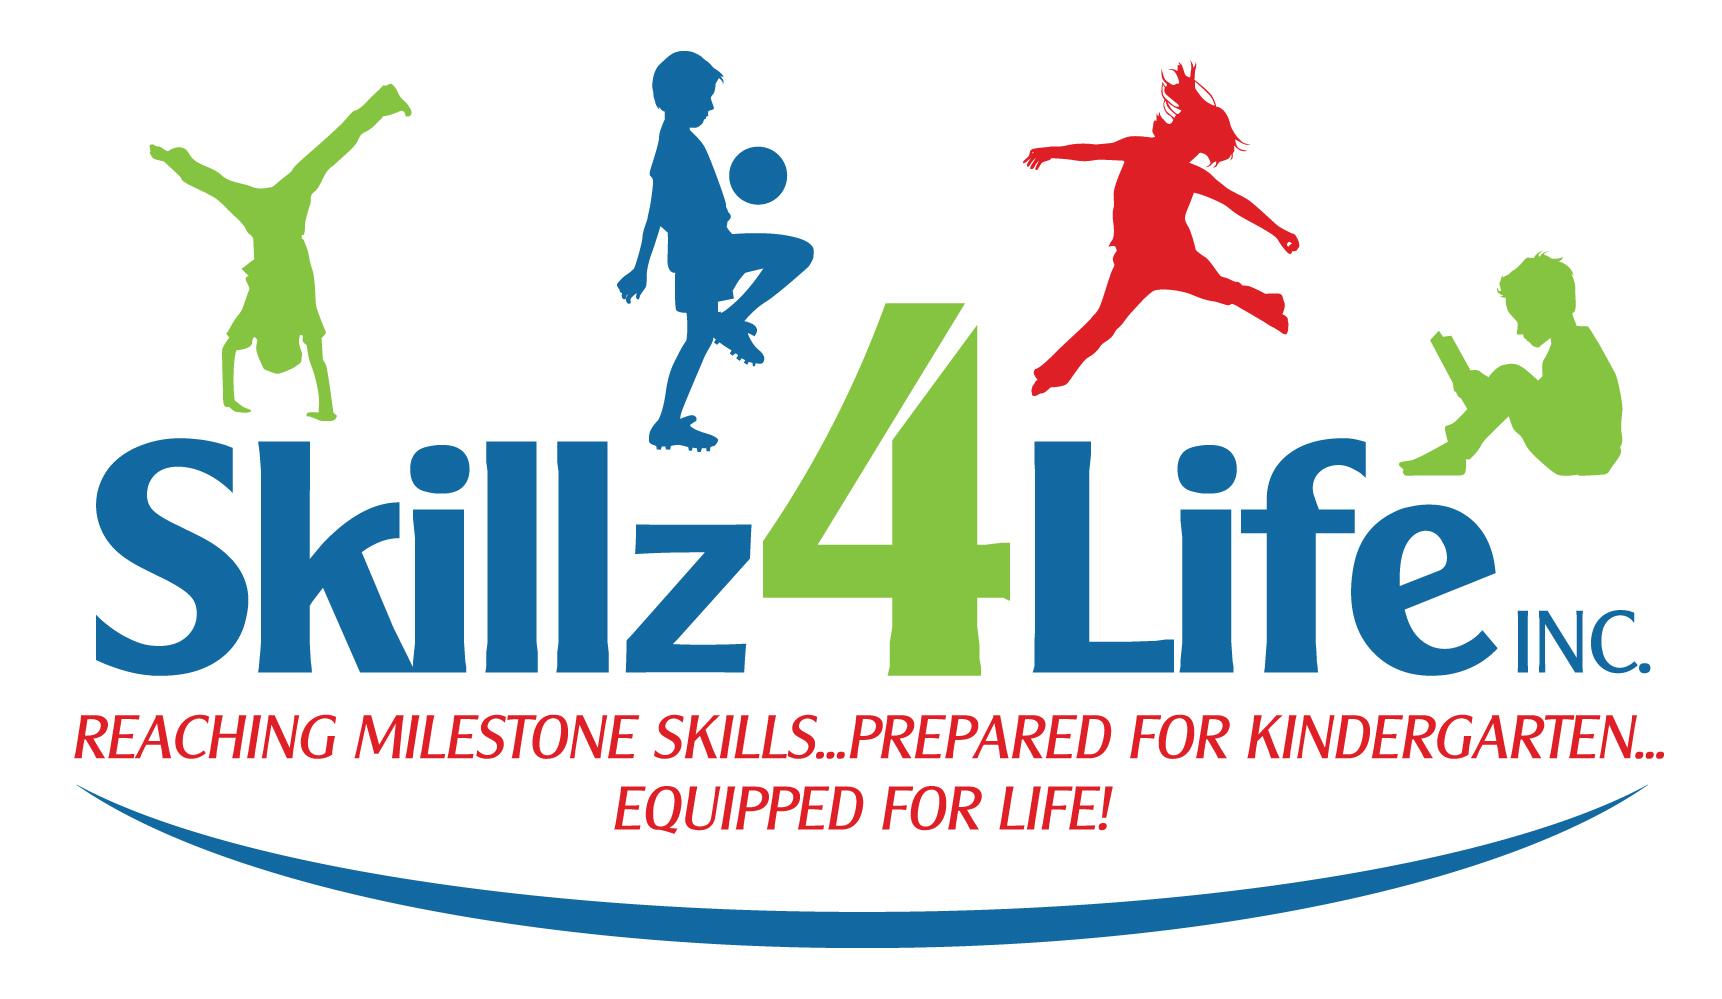 Skillz 4 Life Inc